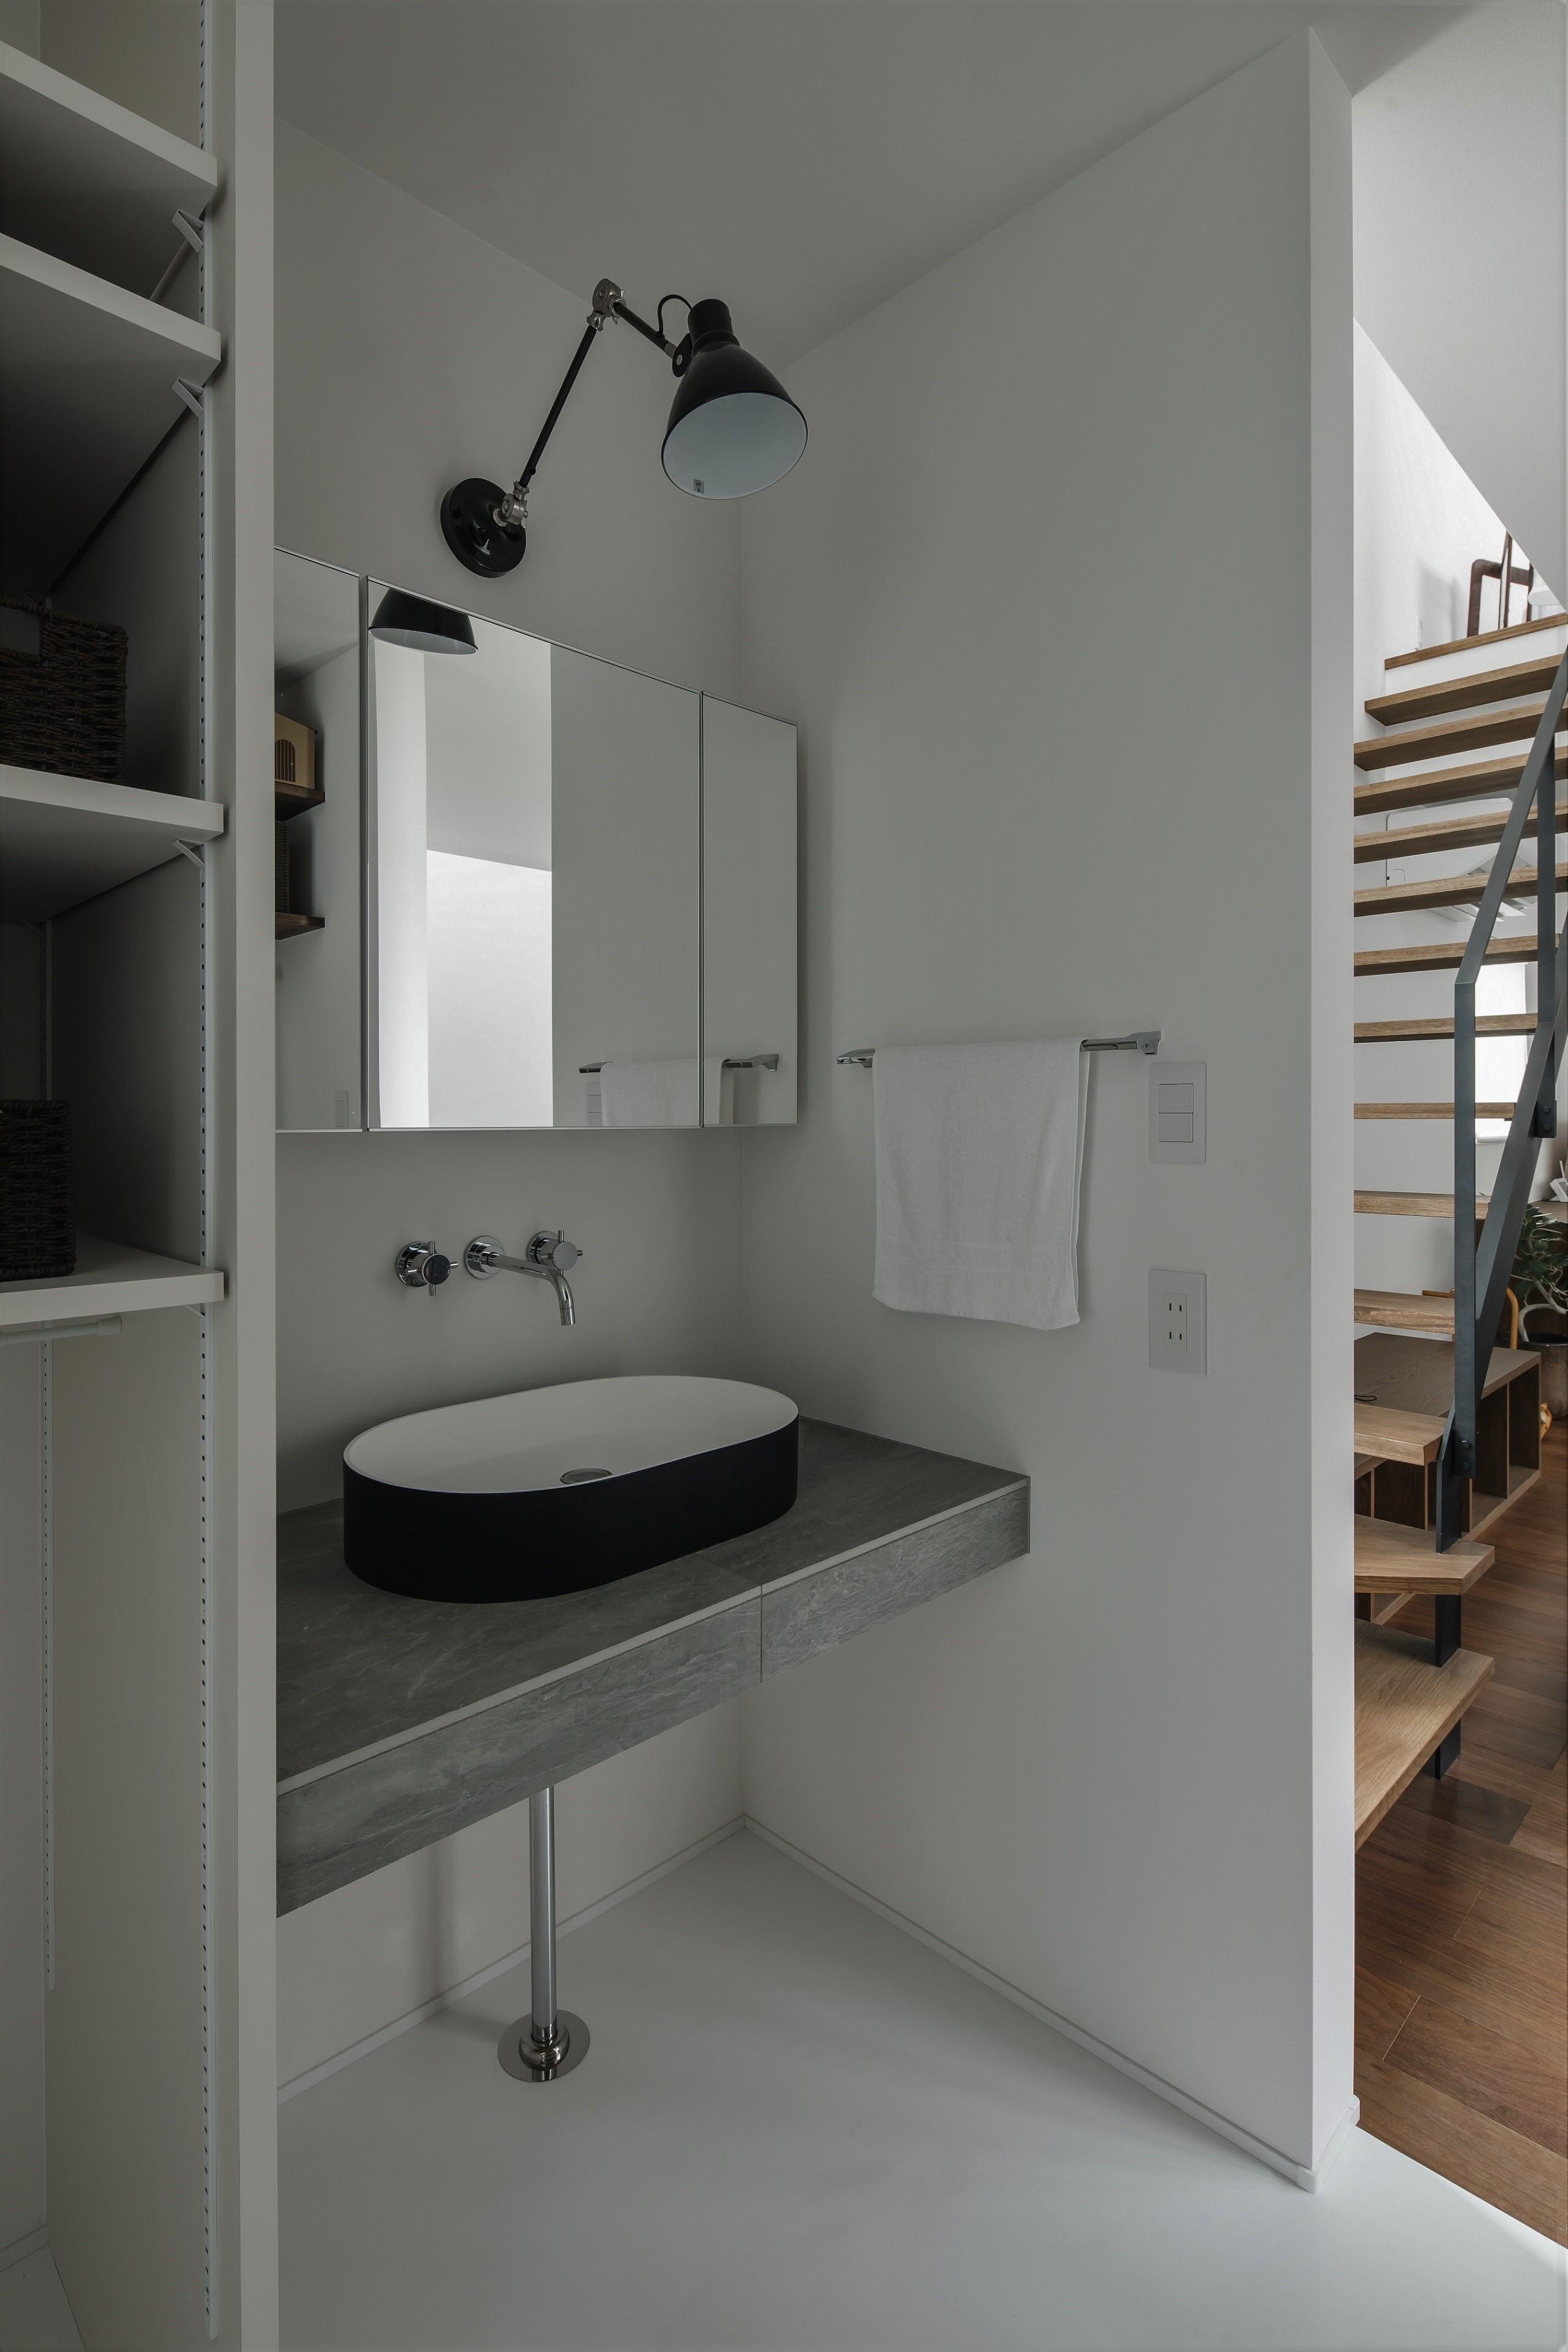 バス/トイレ事例:洗面室(プライバシーを確保しながら光を取り入れる美術館のような家(石部東の家))